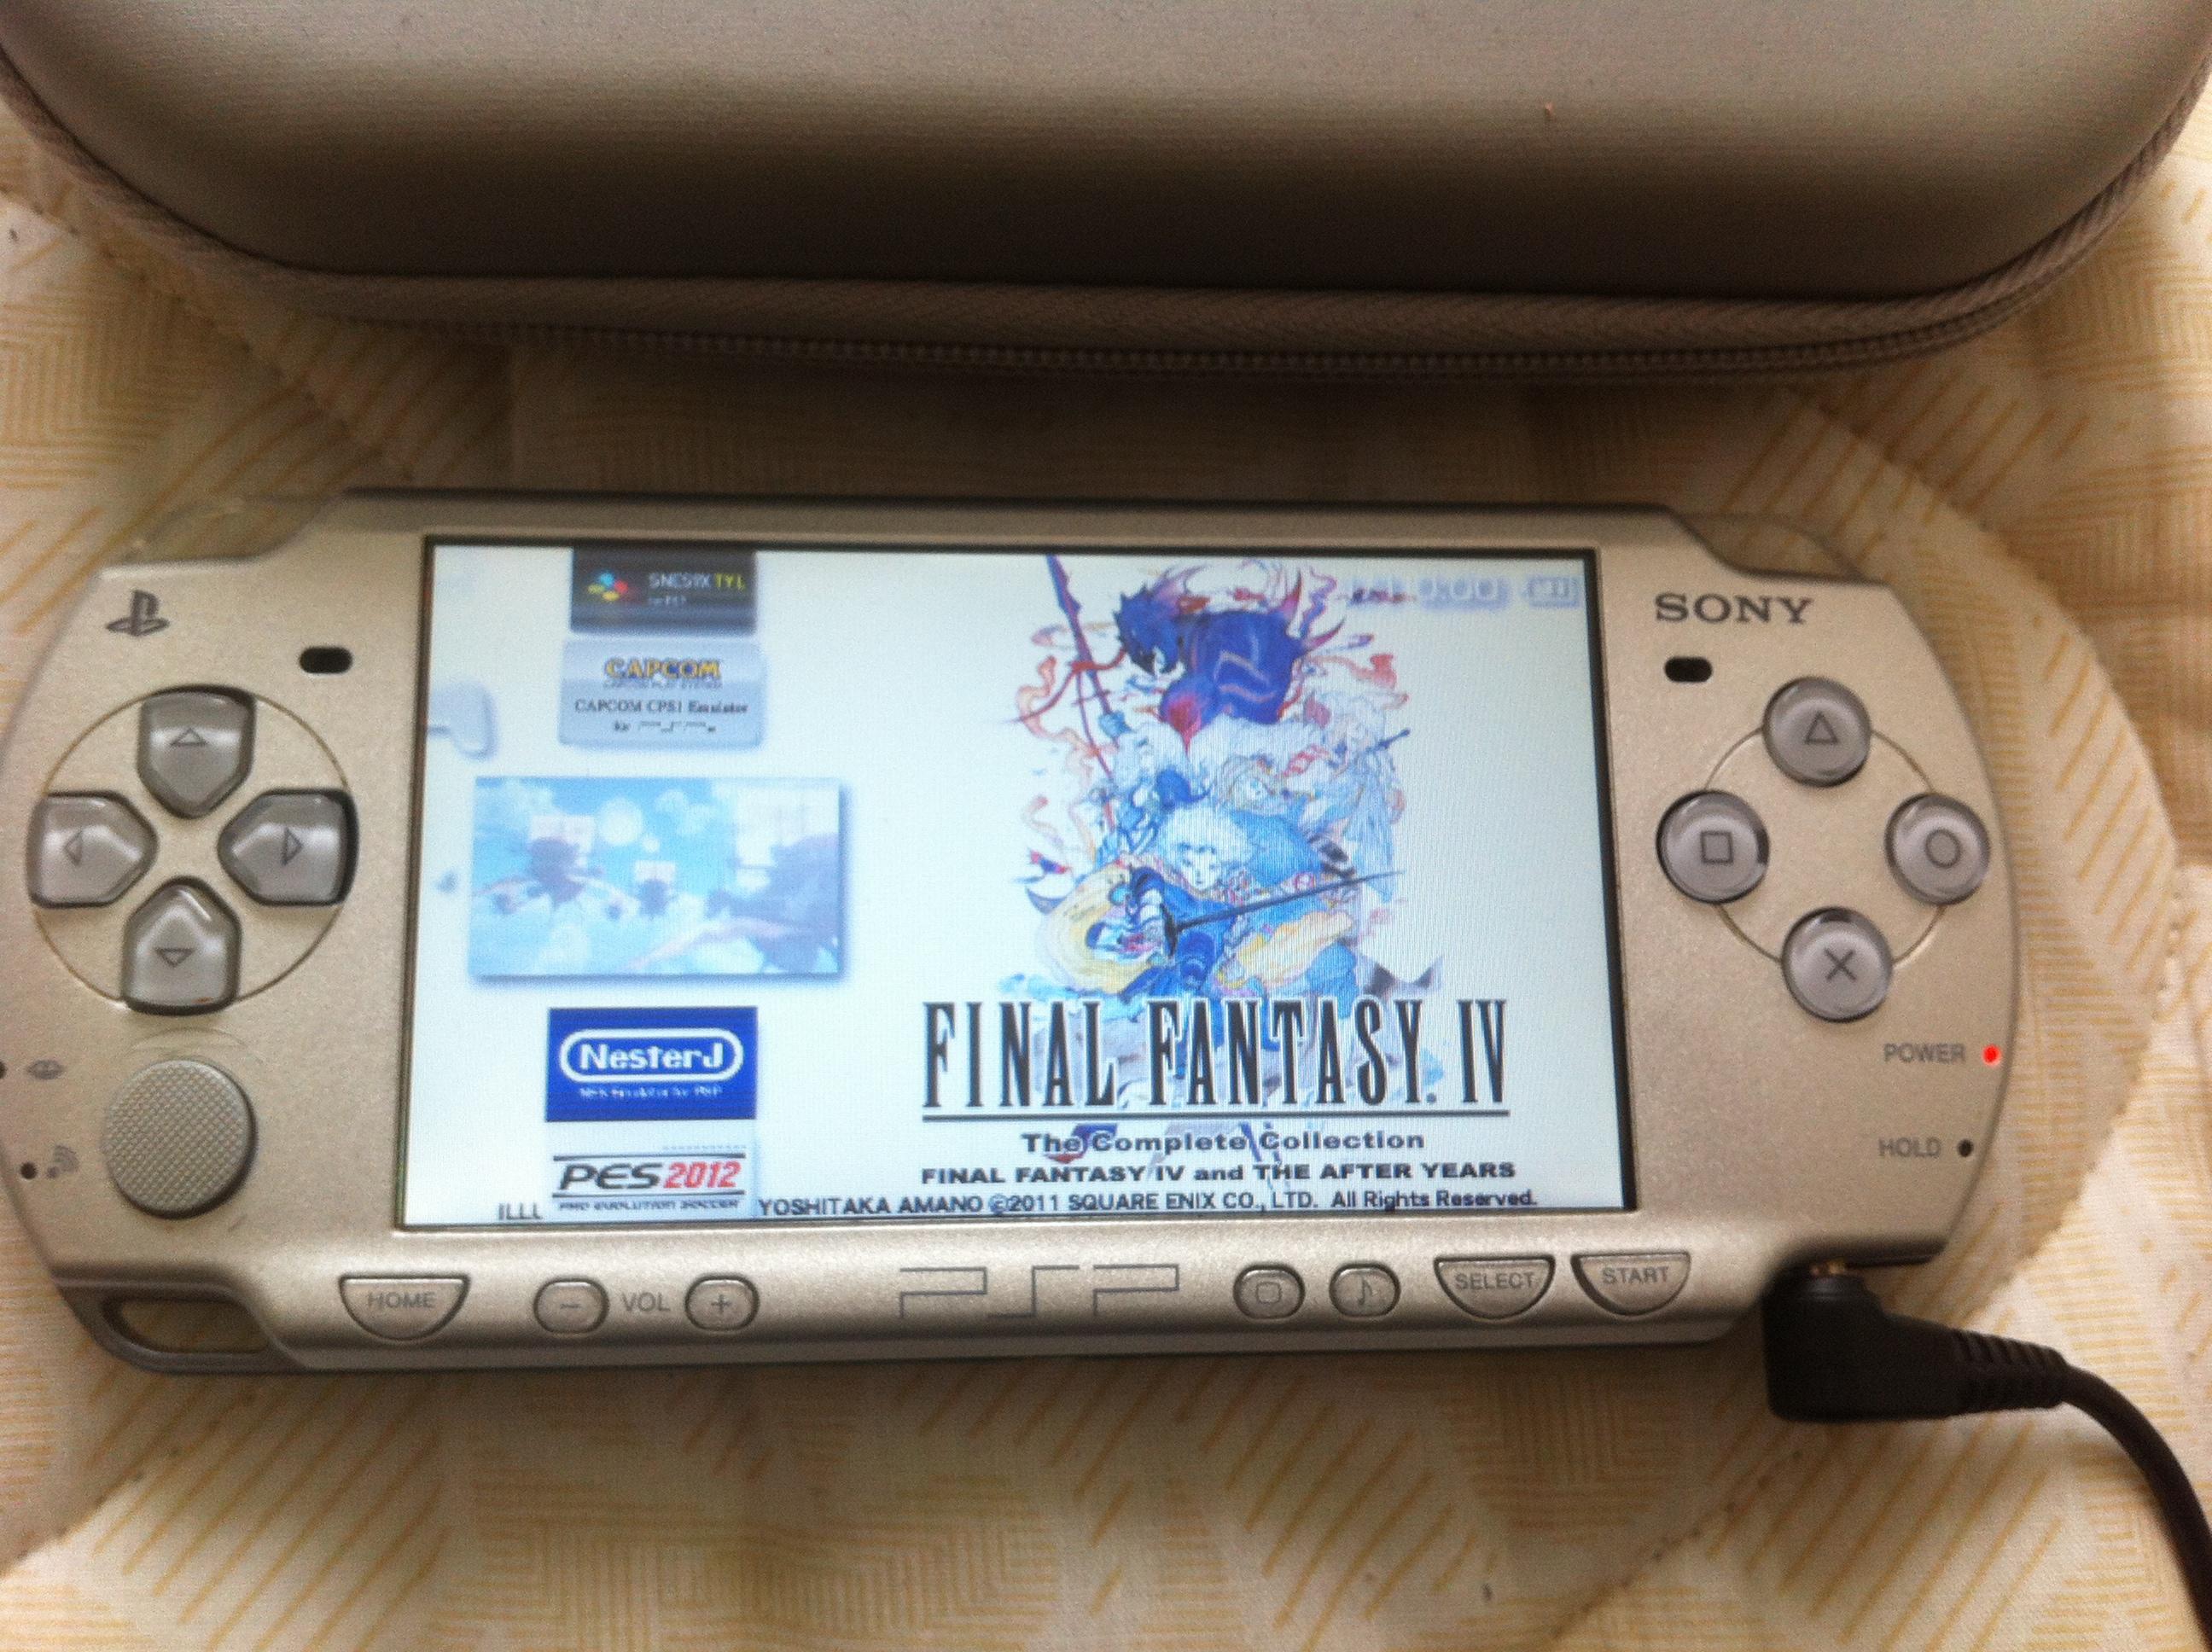 [RECH] JEUX PSP : PC Engine Best Collection, SNK Classics, les FF 480917IMG0287